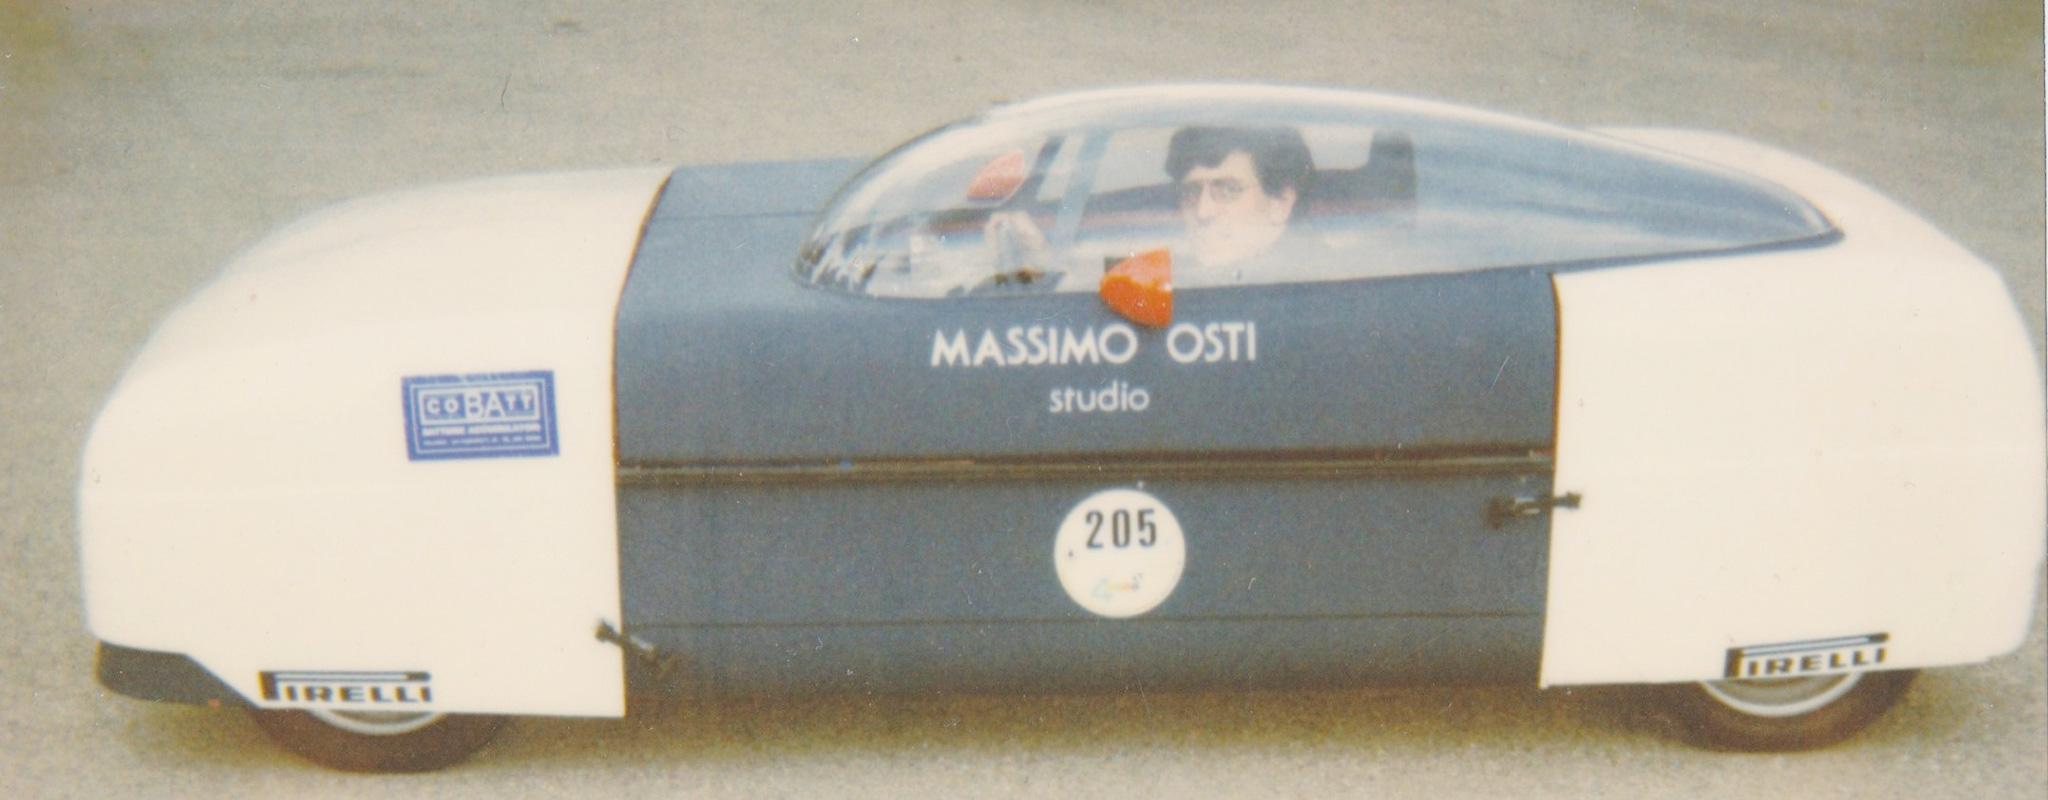 Paolo Pasquini's electric cars - Formula-E - P488 - Studio Pasquini Design